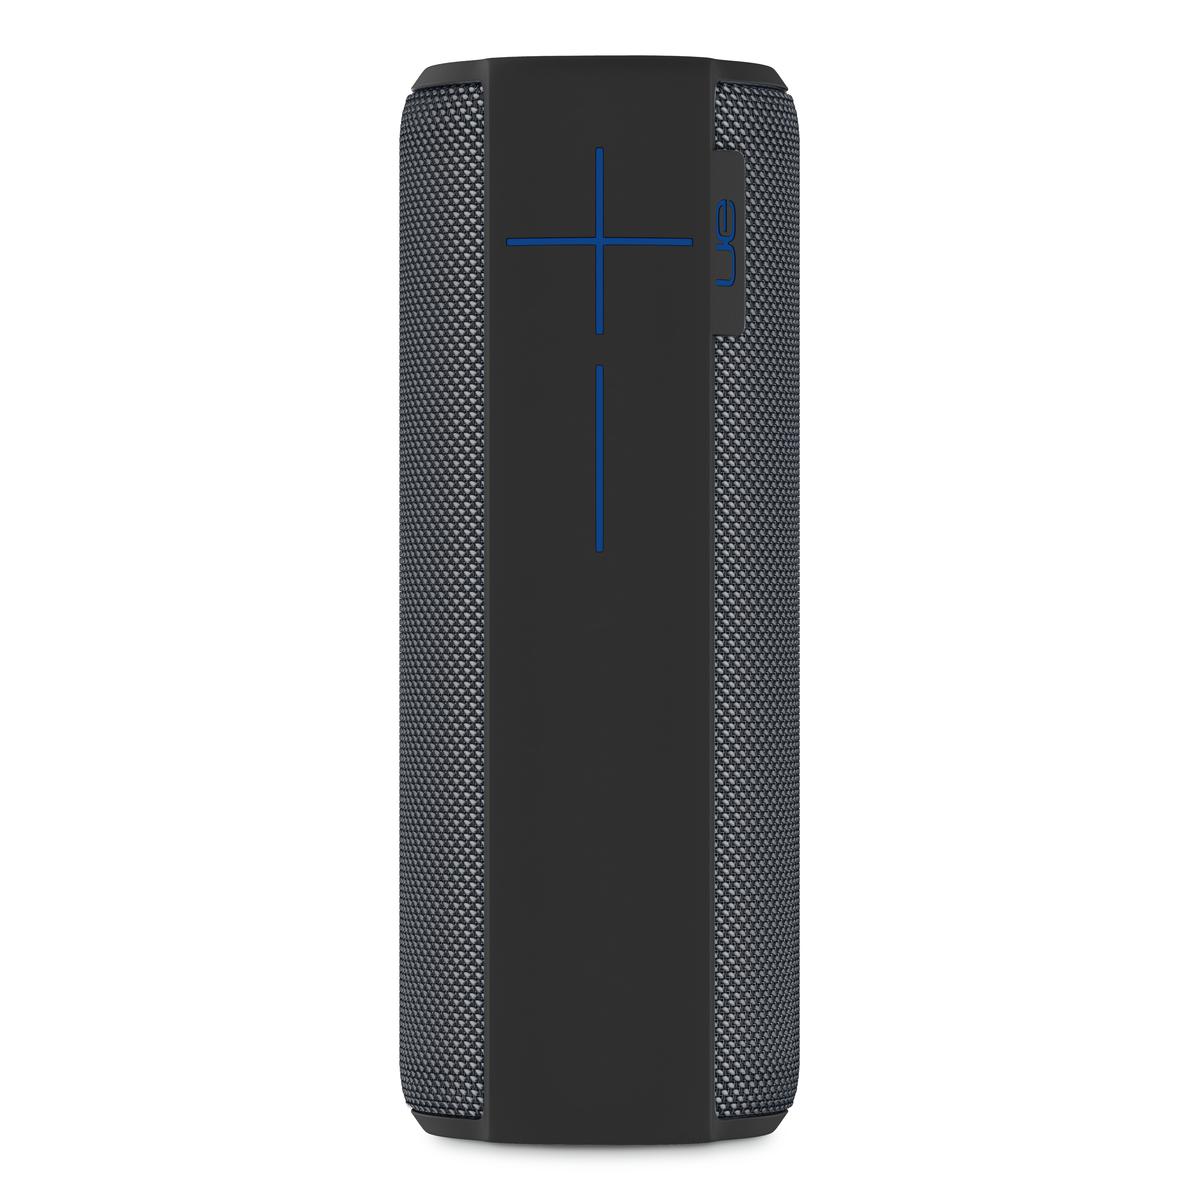 Details about LOGITECH Ultimate Ears UE MEGABOOM Bluetooth Wireless Speaker  Waterproof Black